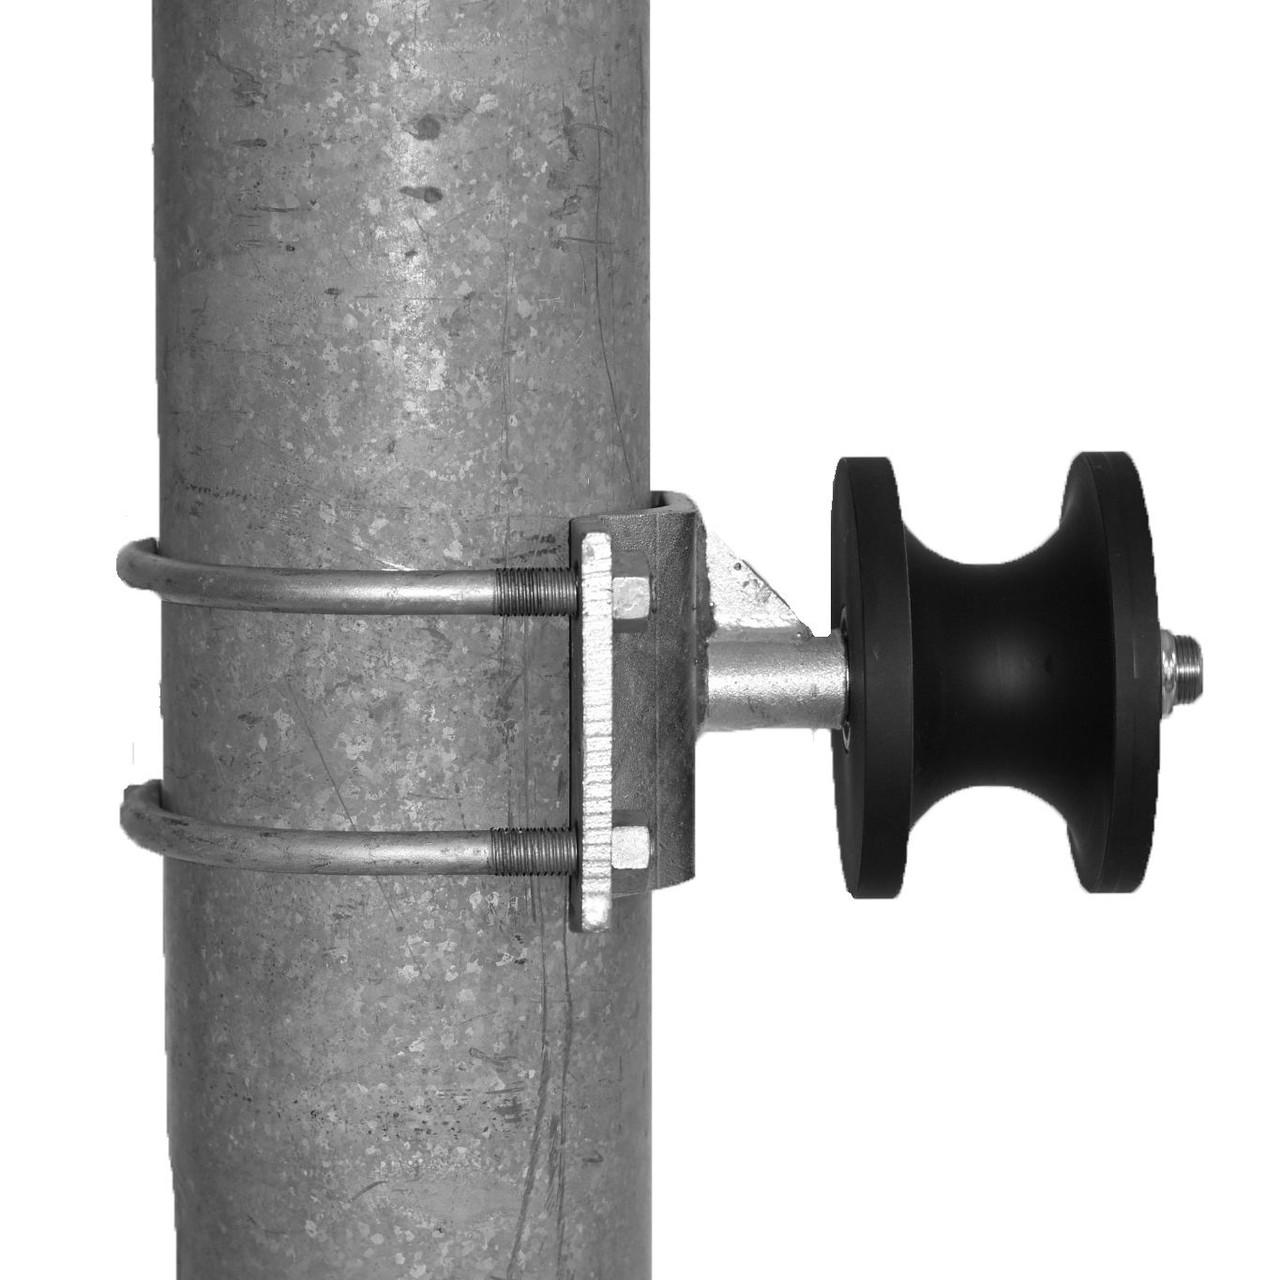 Stealth Round Cantilever Nylon Roller Around Galvanized Post